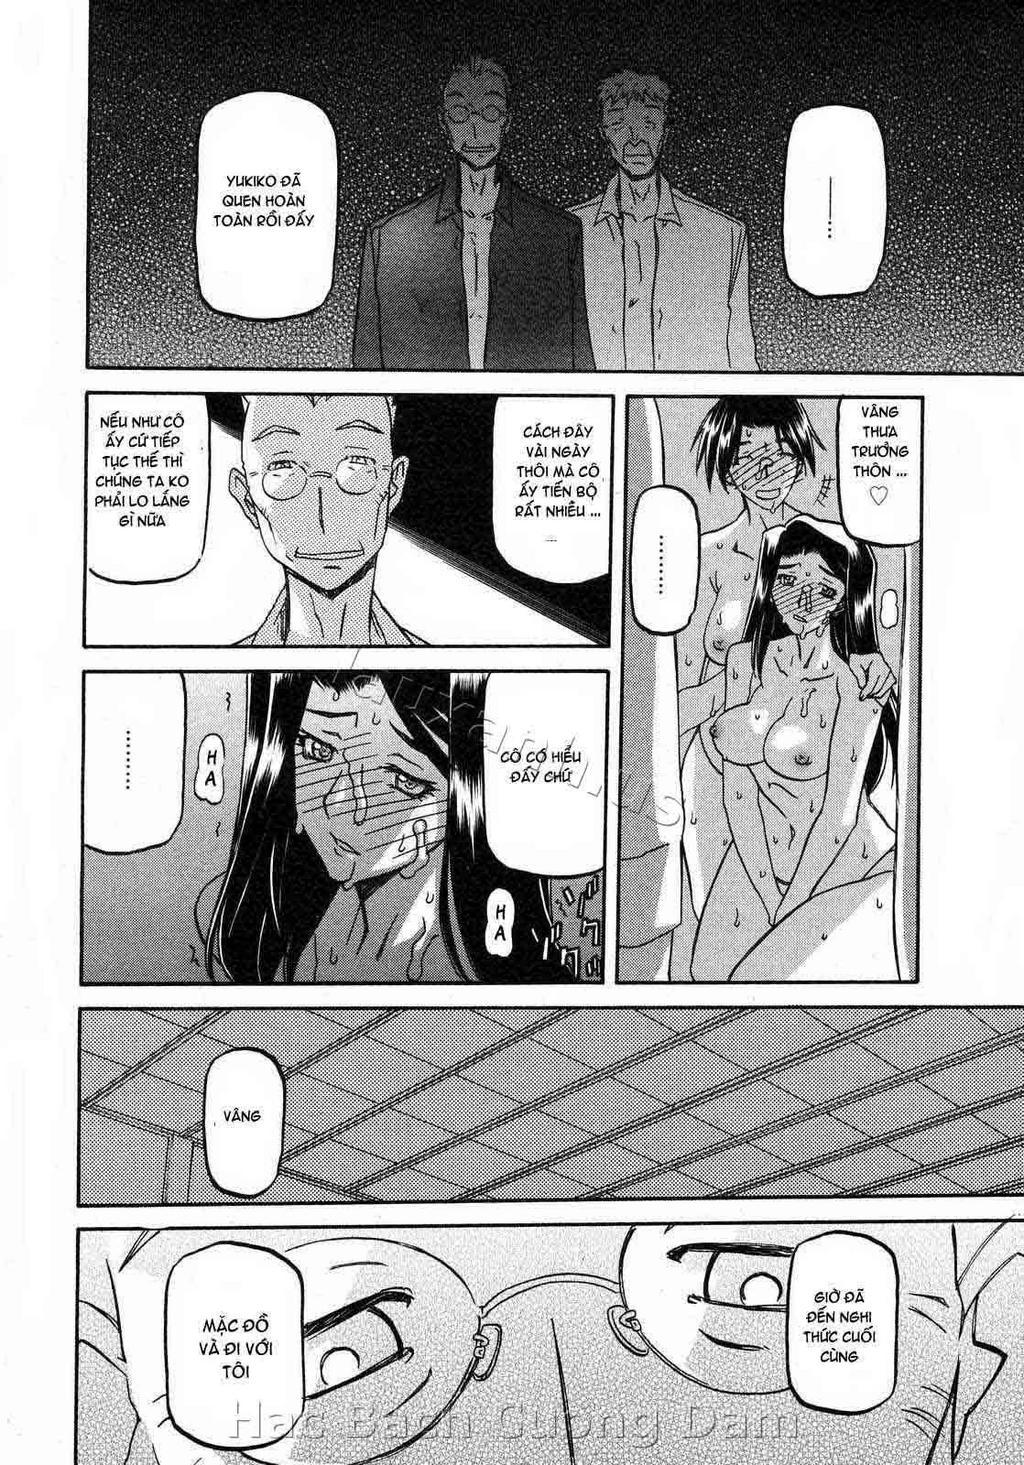 Hình ảnh hentailxers.blogspot.com0029 trong bài viết Manga H Sayuki no Sato